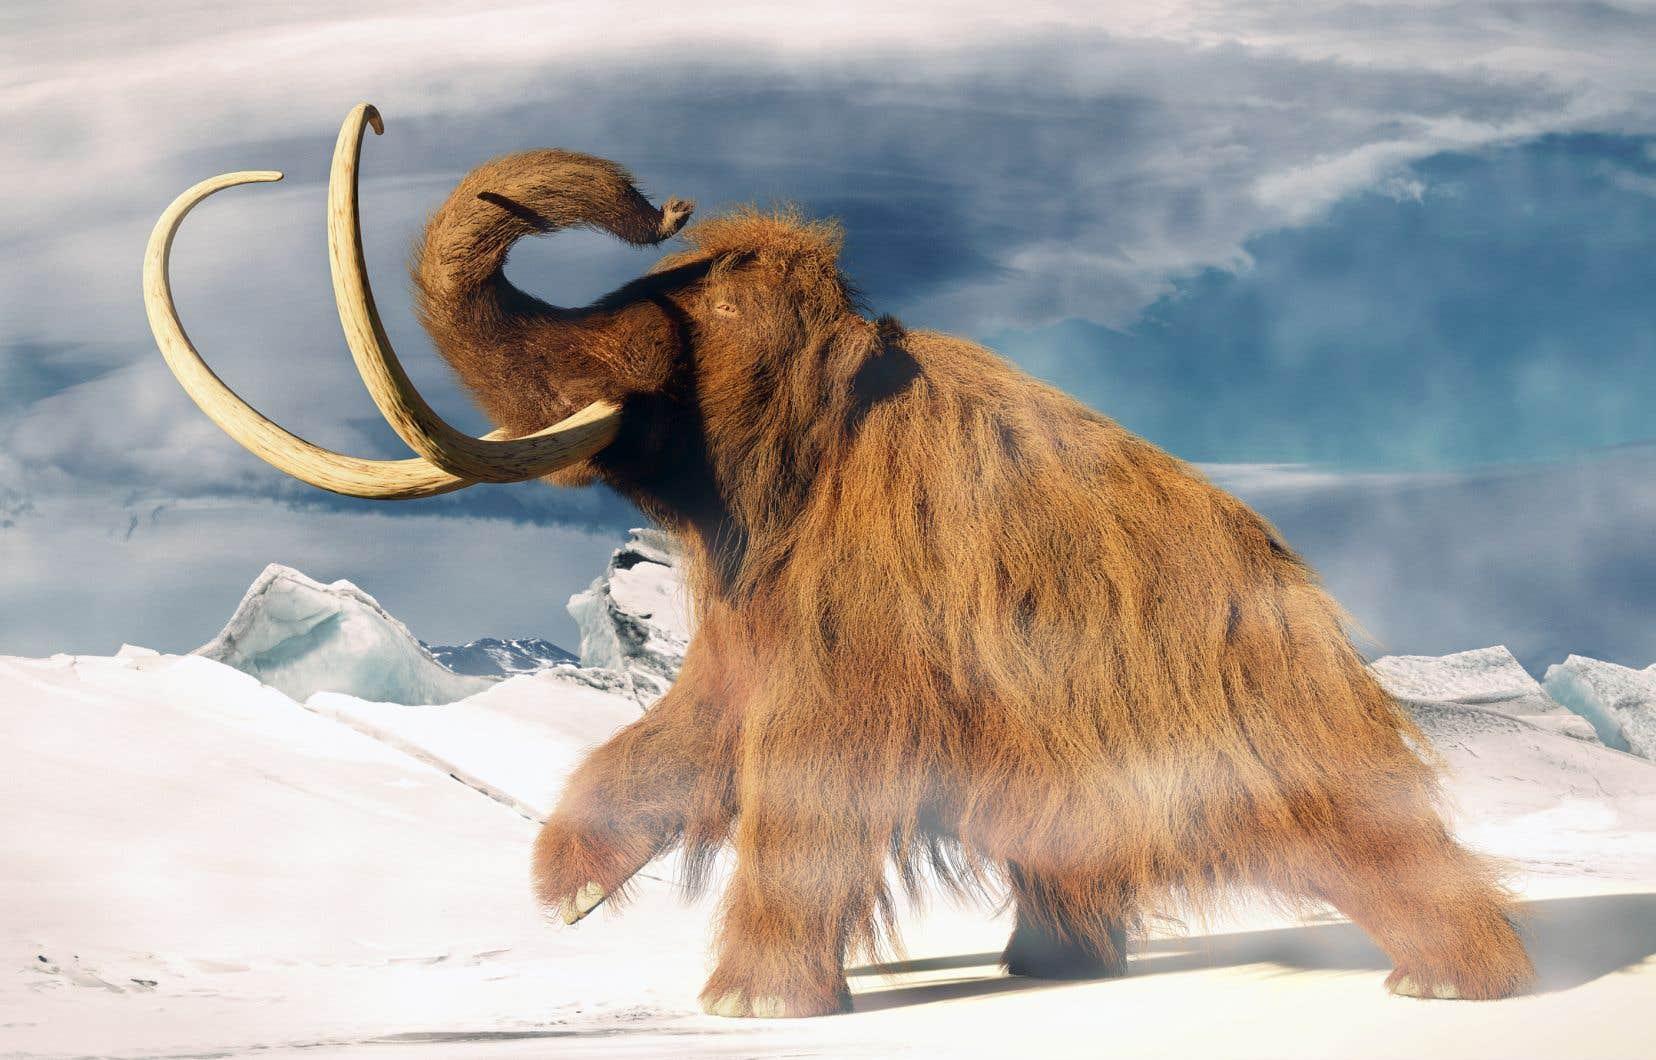 Représentation artistique d'un mammouth laineux